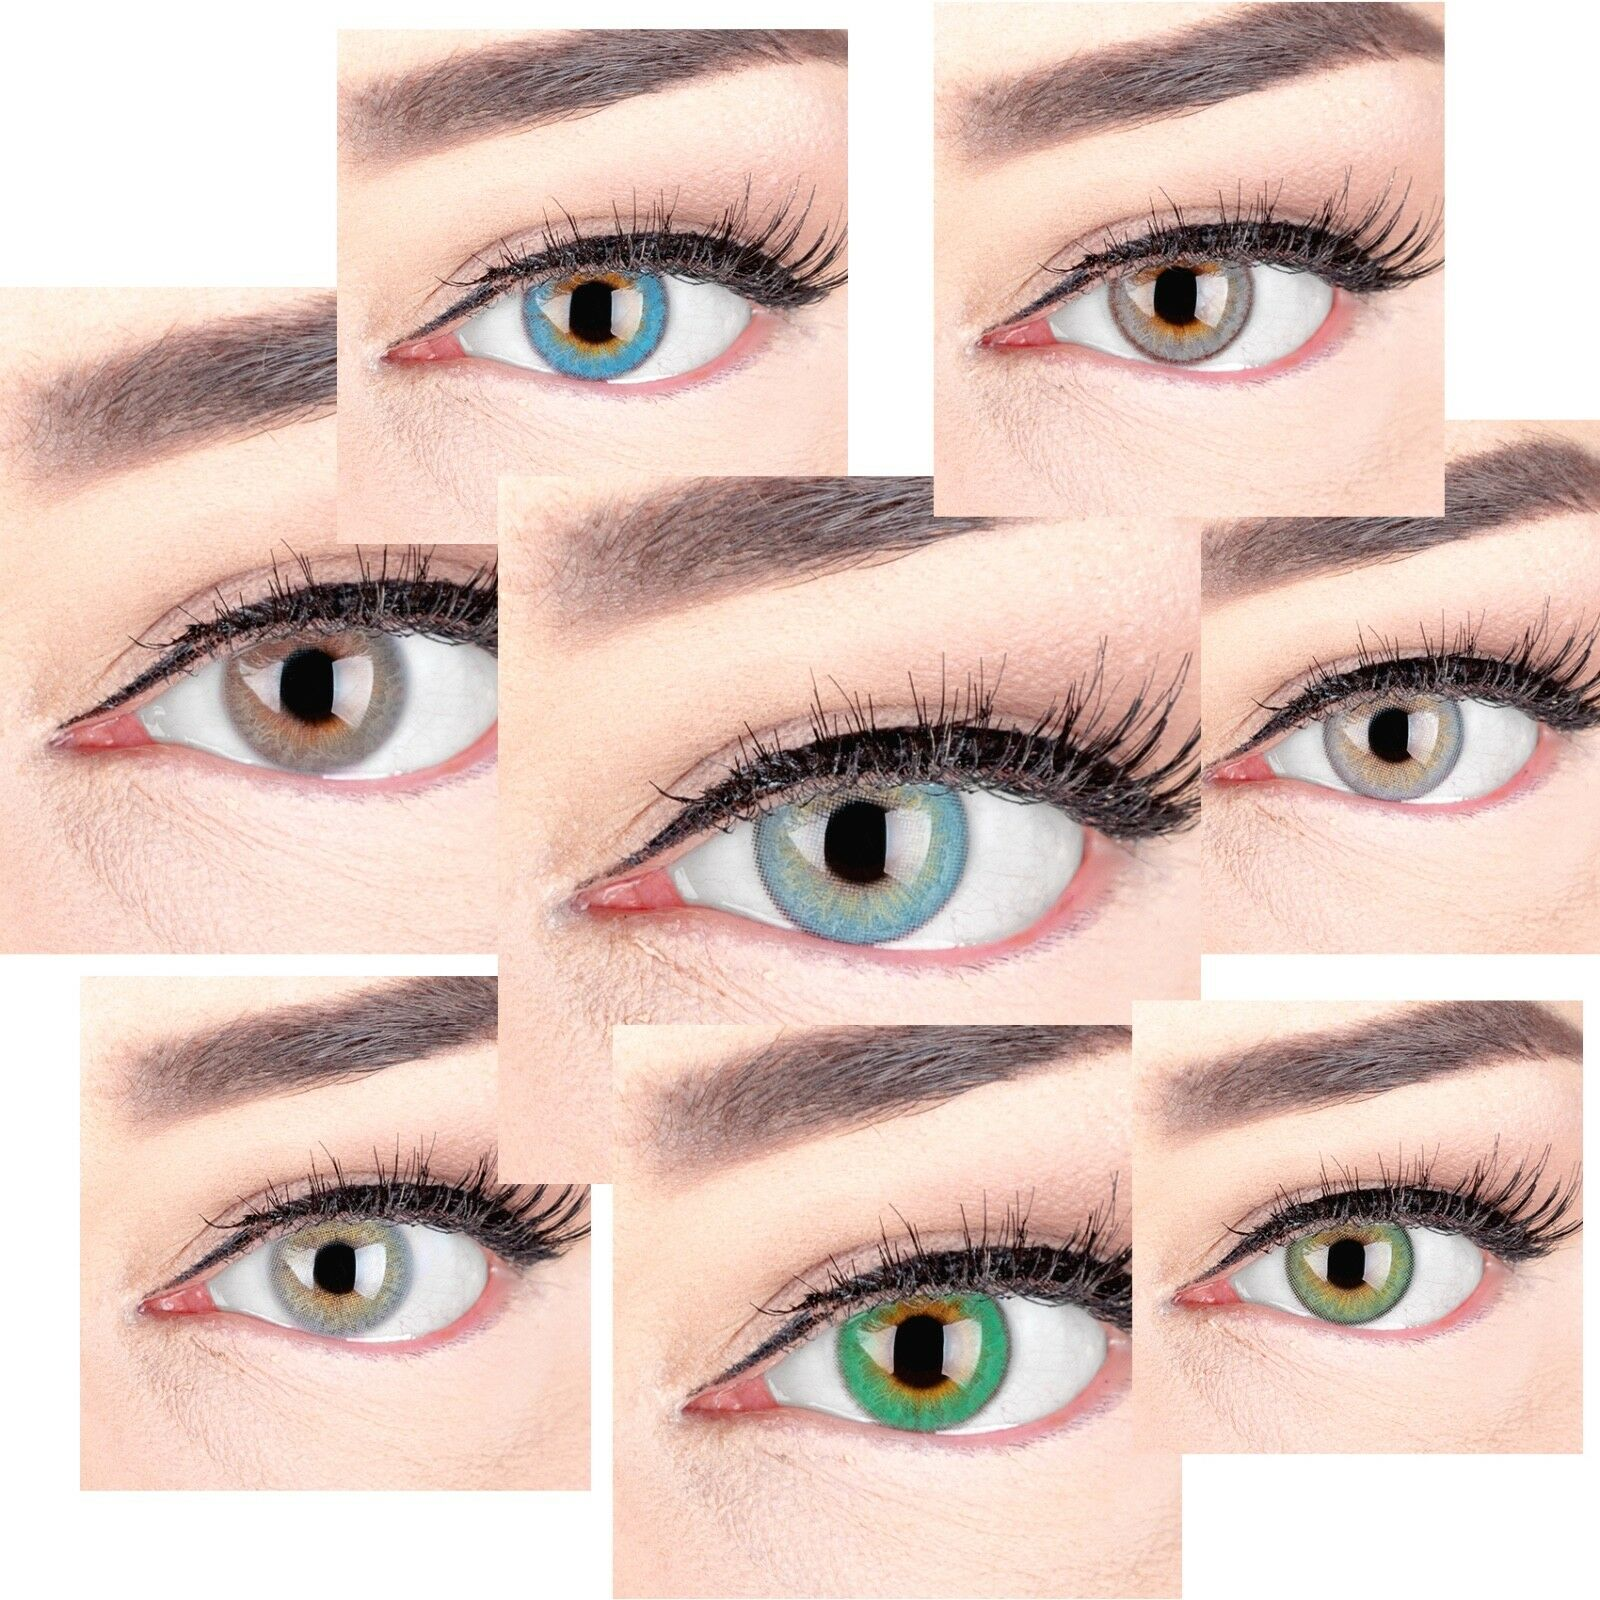 Farbige Kontaktlinsen mit ohne Stärke blau grün braun grau pink 3 Monatslinsen